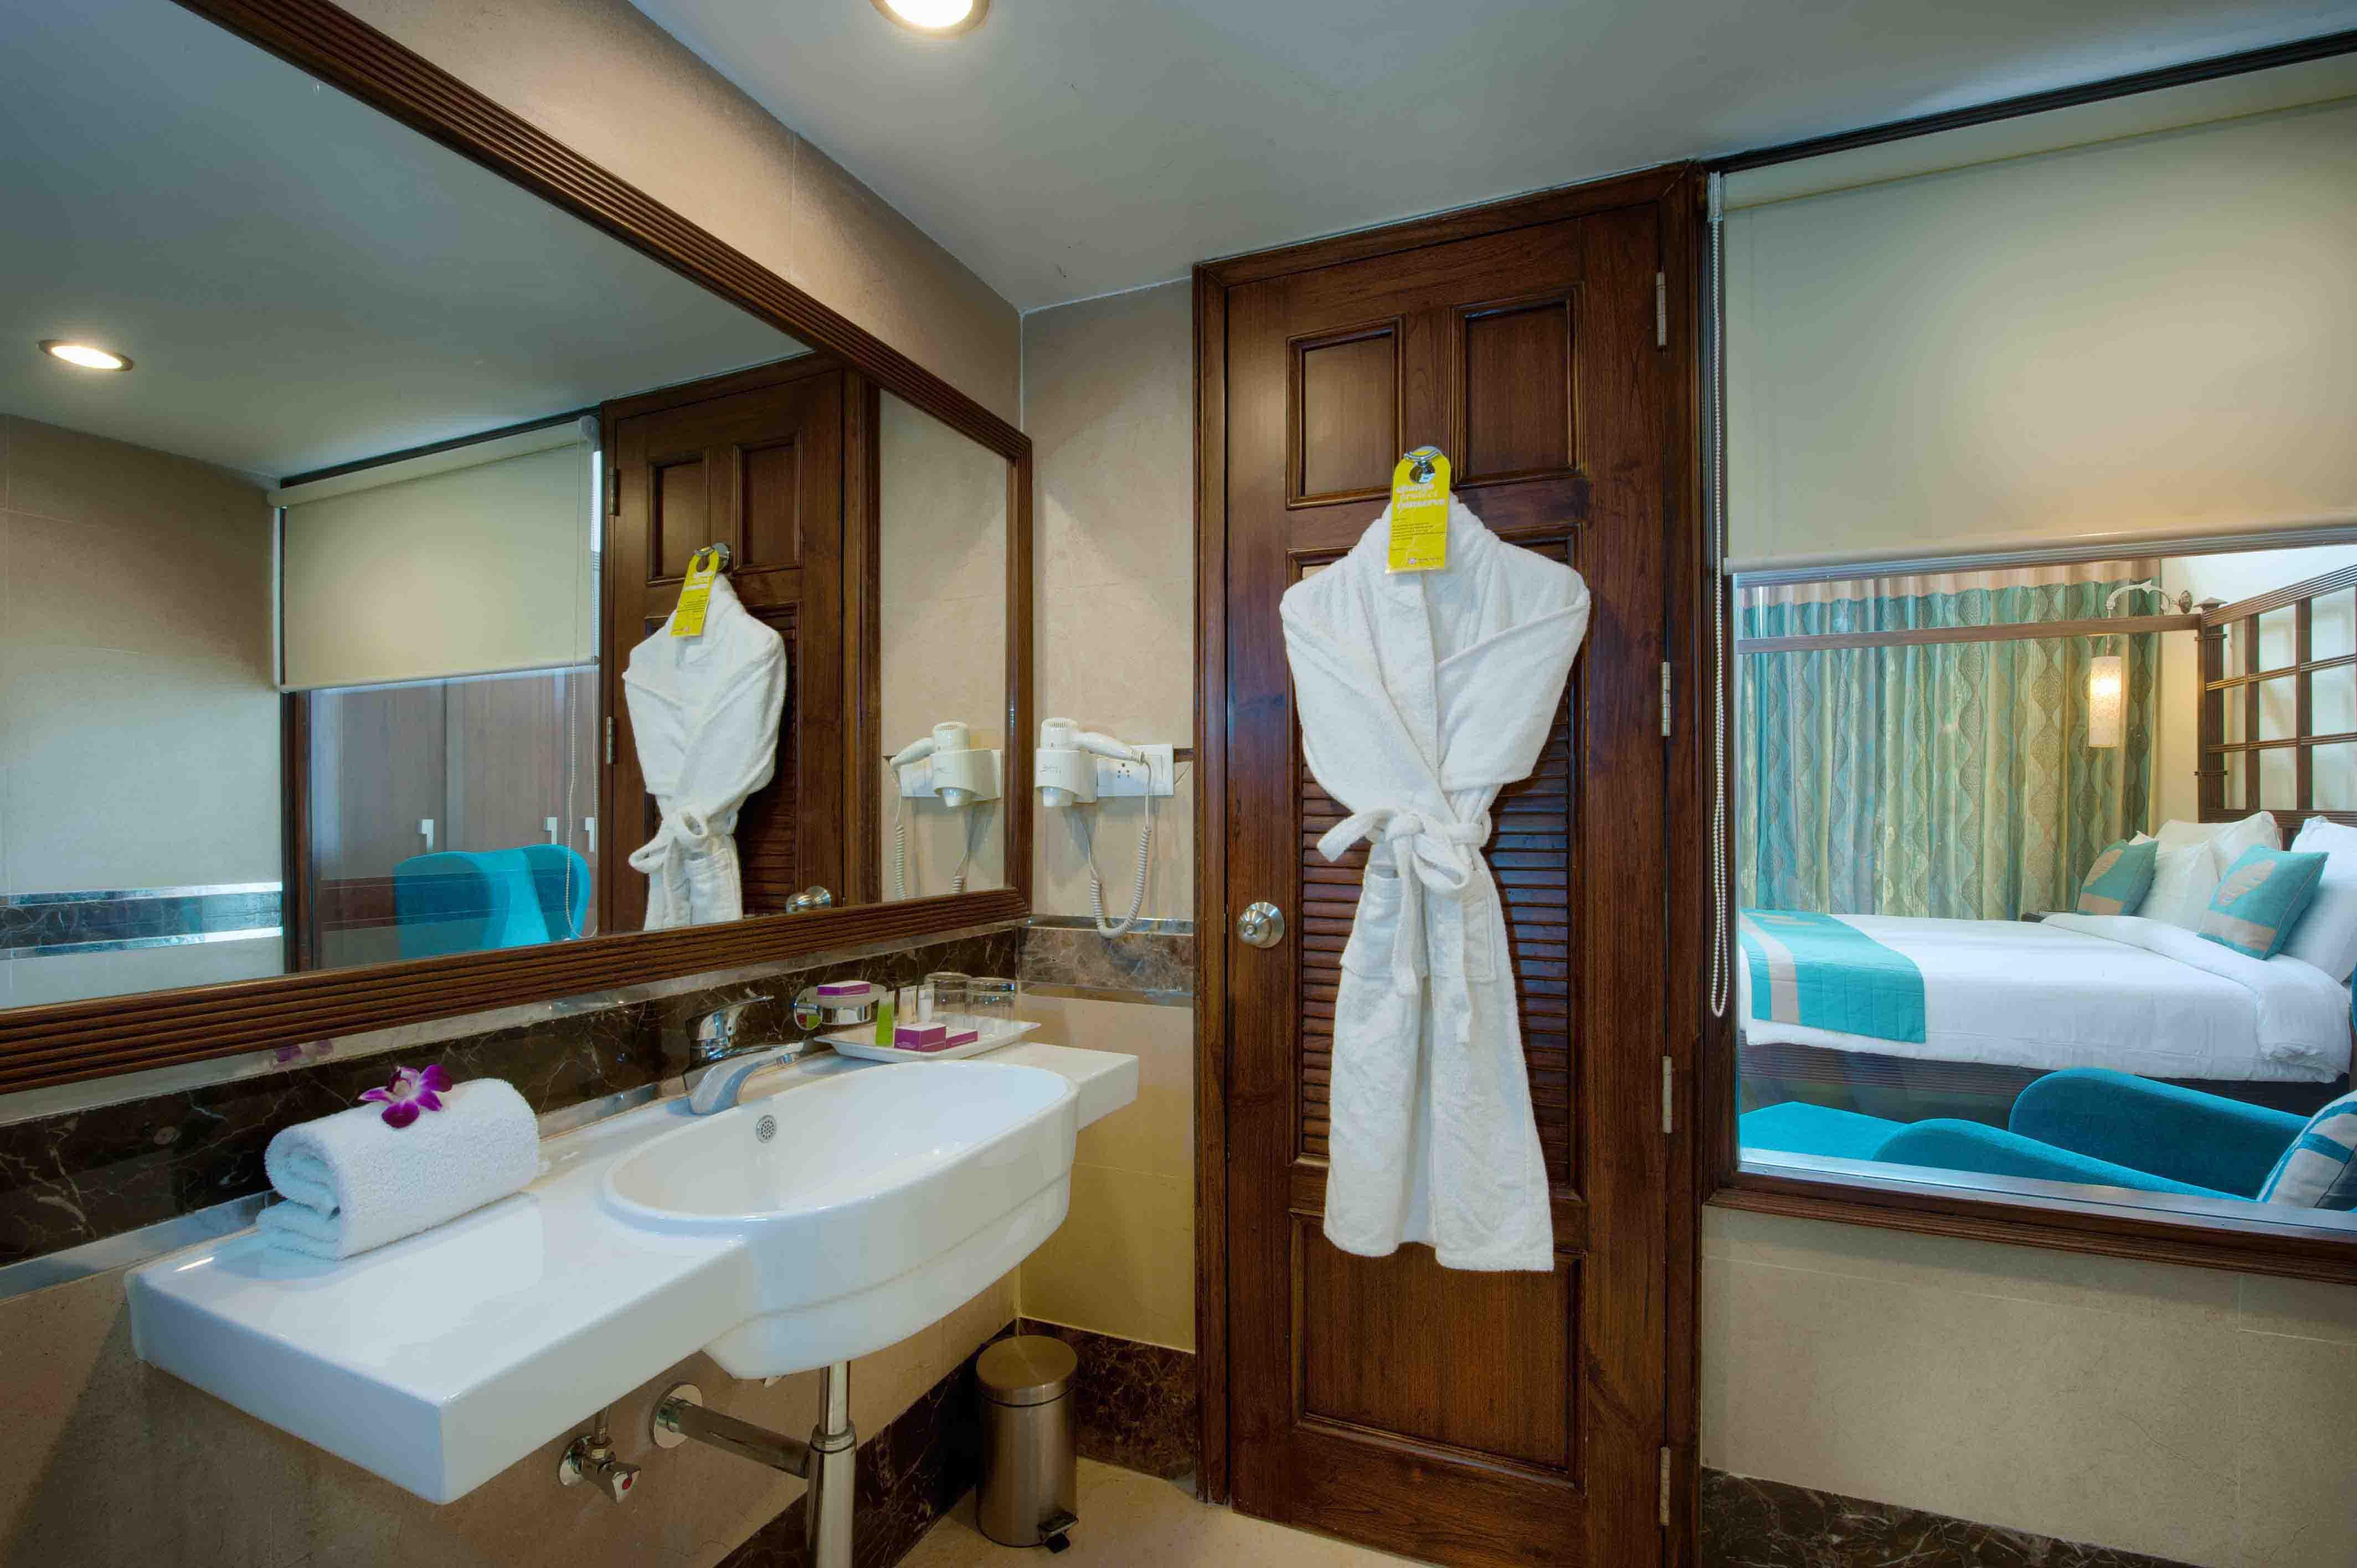 Acerca de Mussoorie, hotel Honeymoon Inn Mussoorie